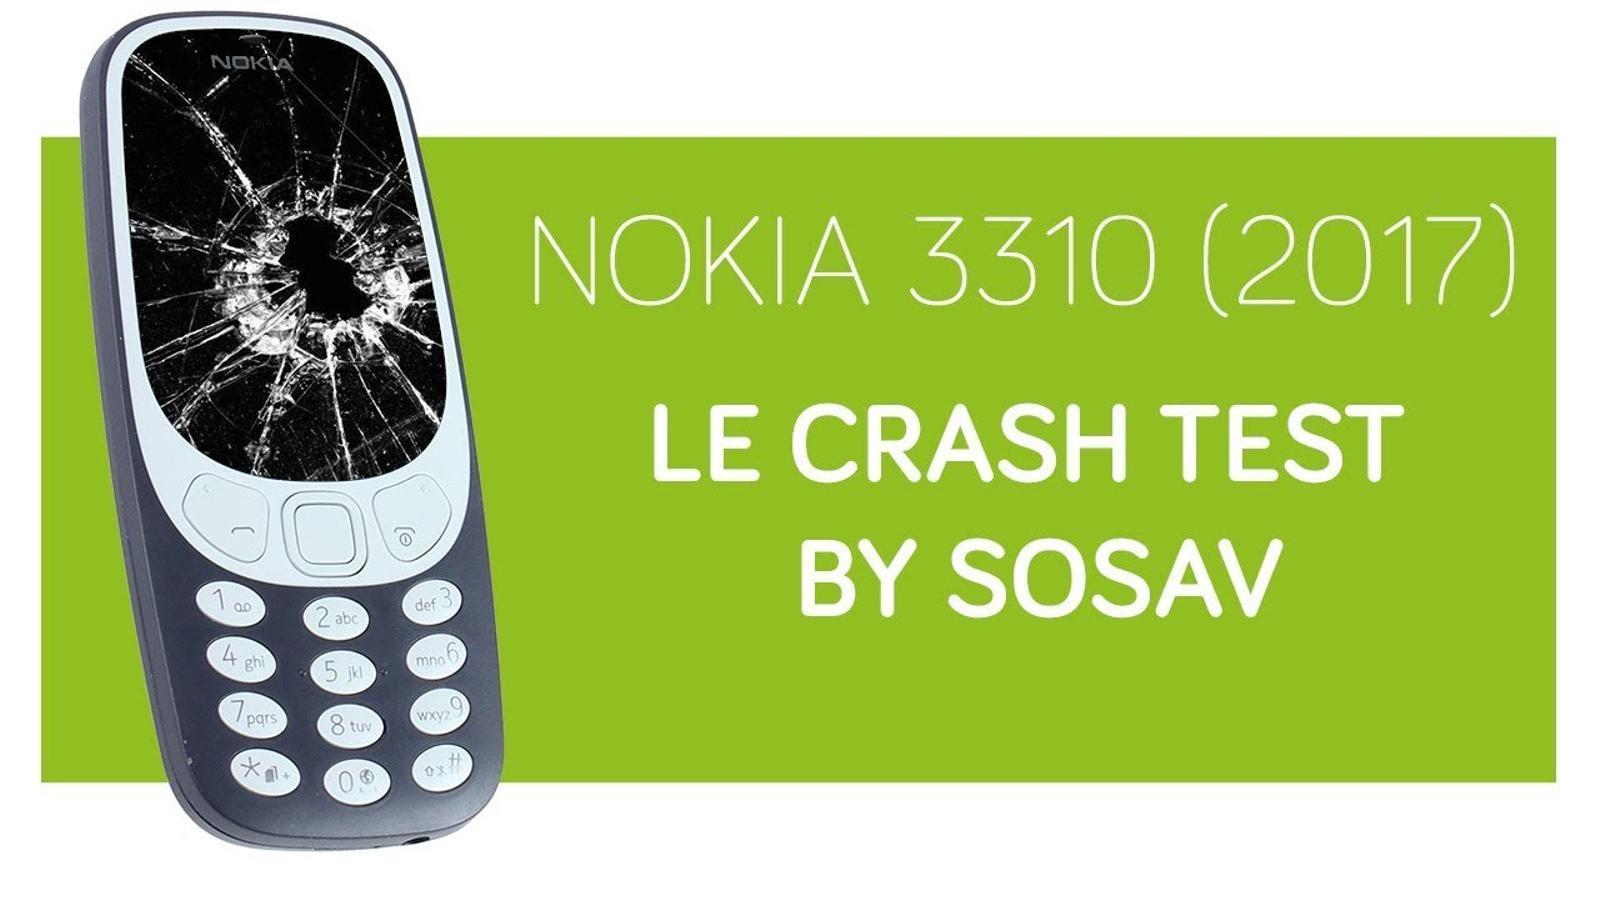 Prova de resistència del nou model Nokia 3310